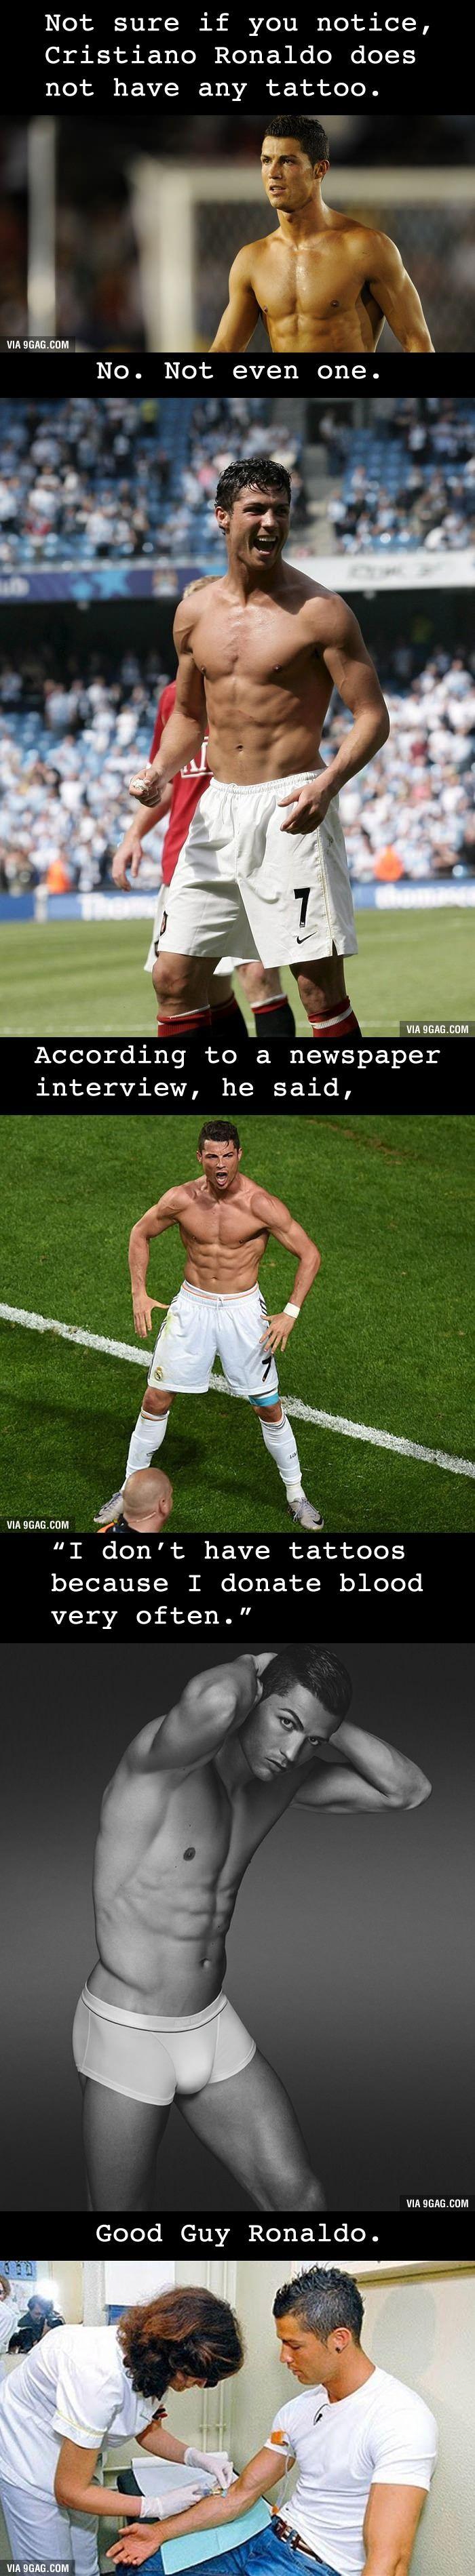 I love you Christiano Ronaldo! hehehehehehe